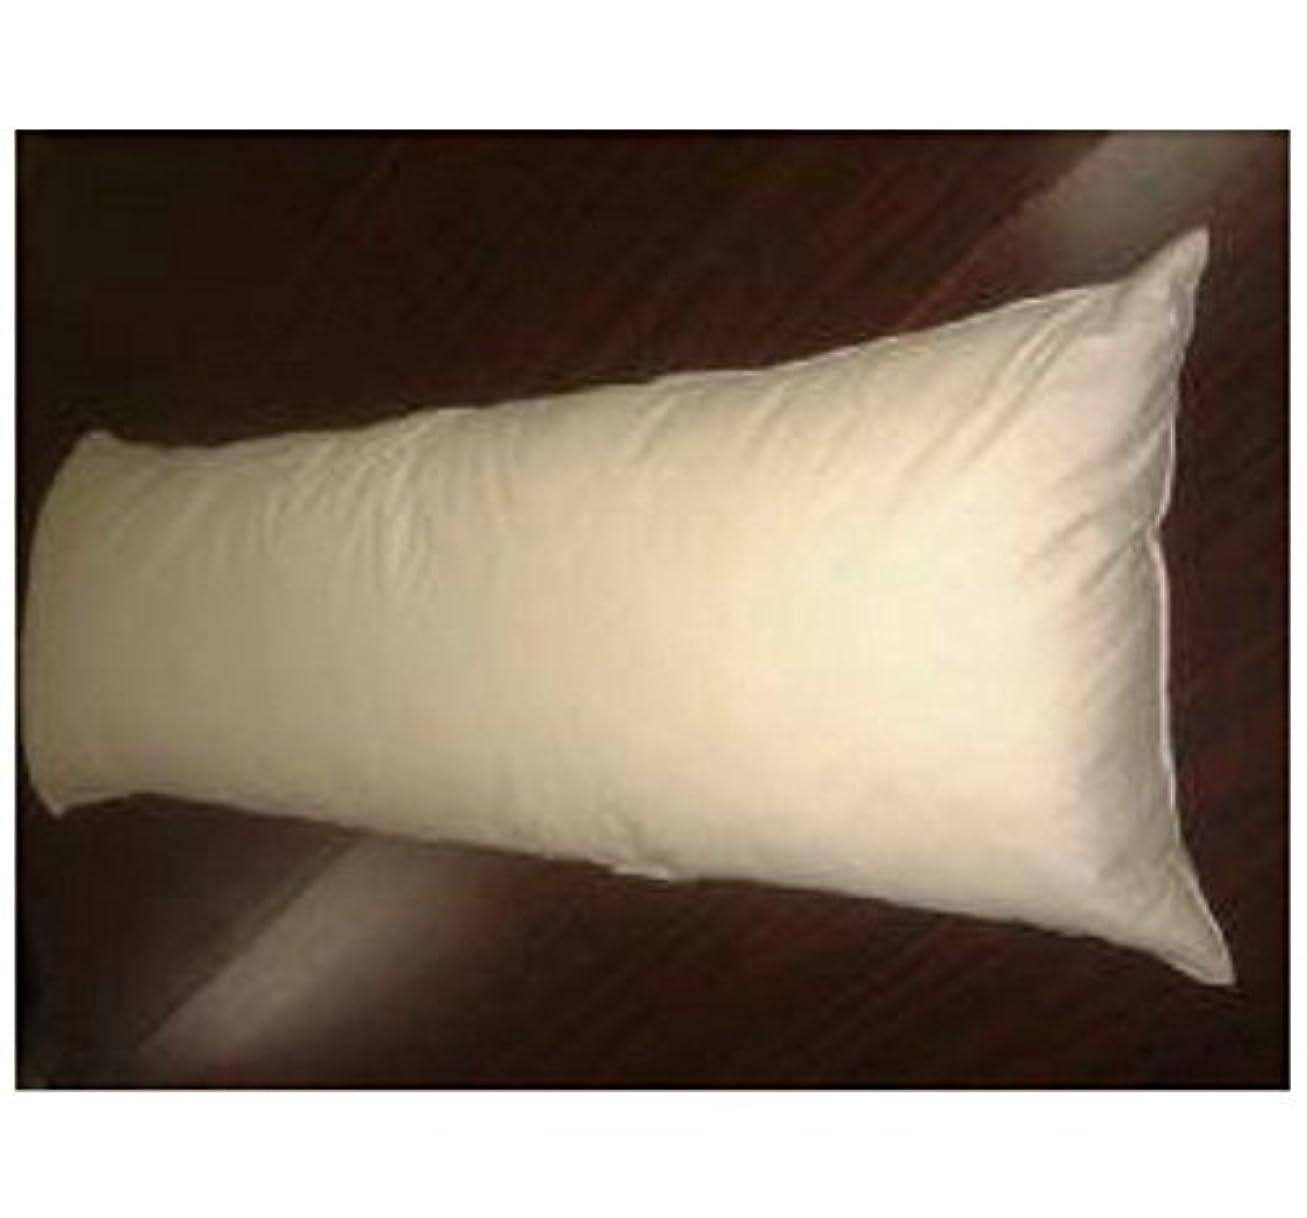 地元衣類ディンカルビル国産 オリジナル大判羽根 ロング枕 羽毛枕 抱き枕カバー付き 水鳥フェザー100% 50x140cm